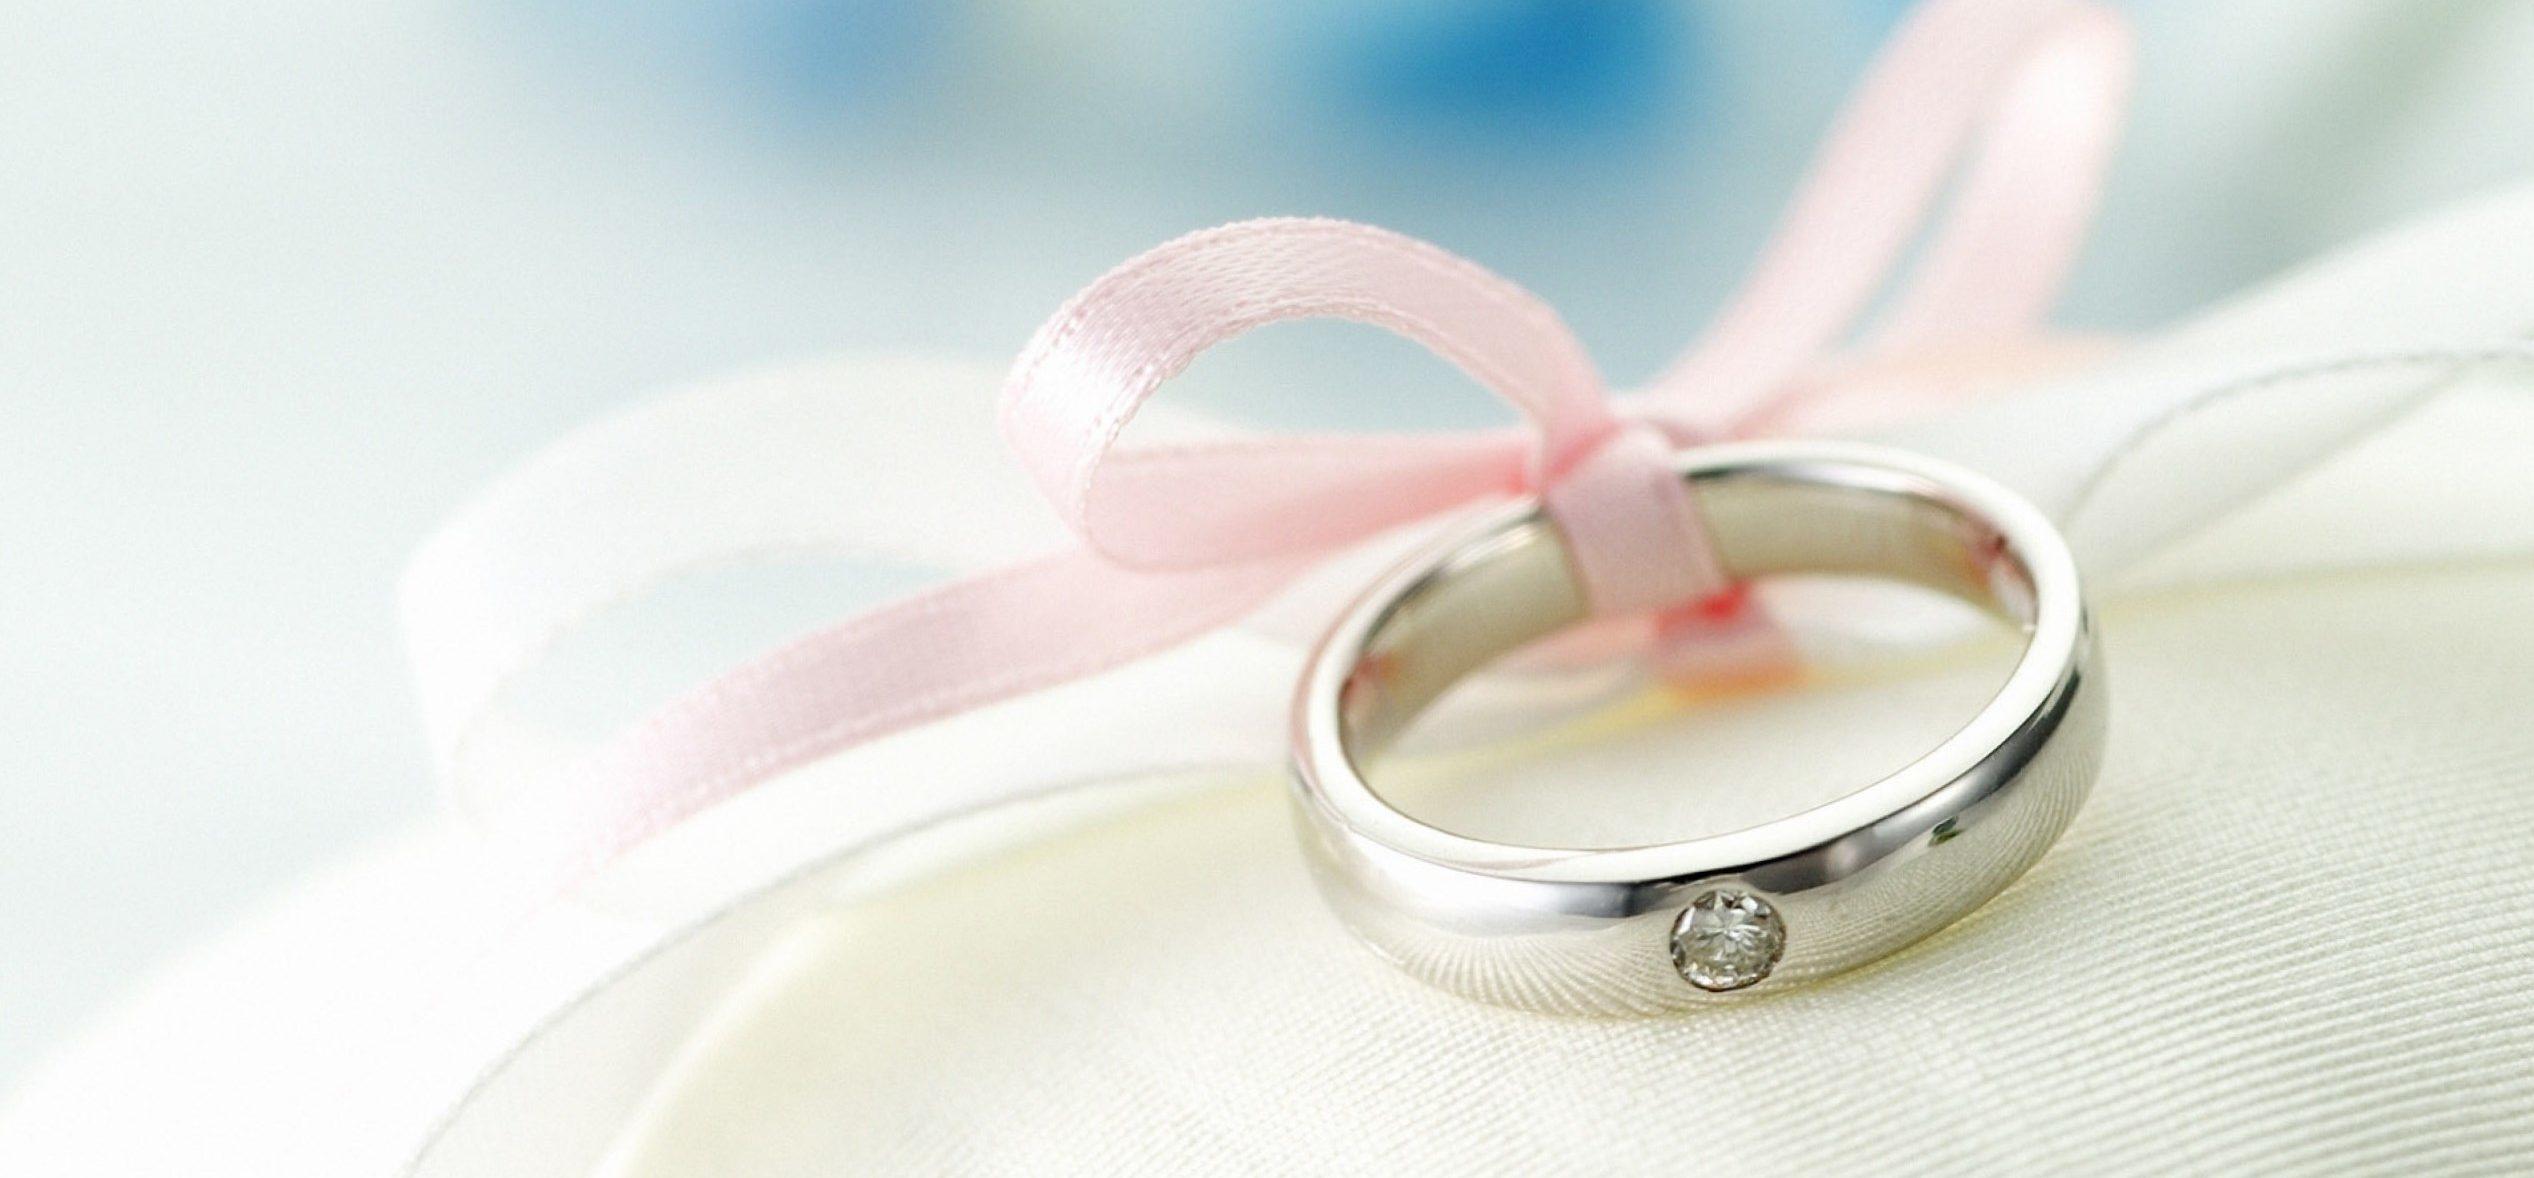 Первая годовщина свадьбы поздравление